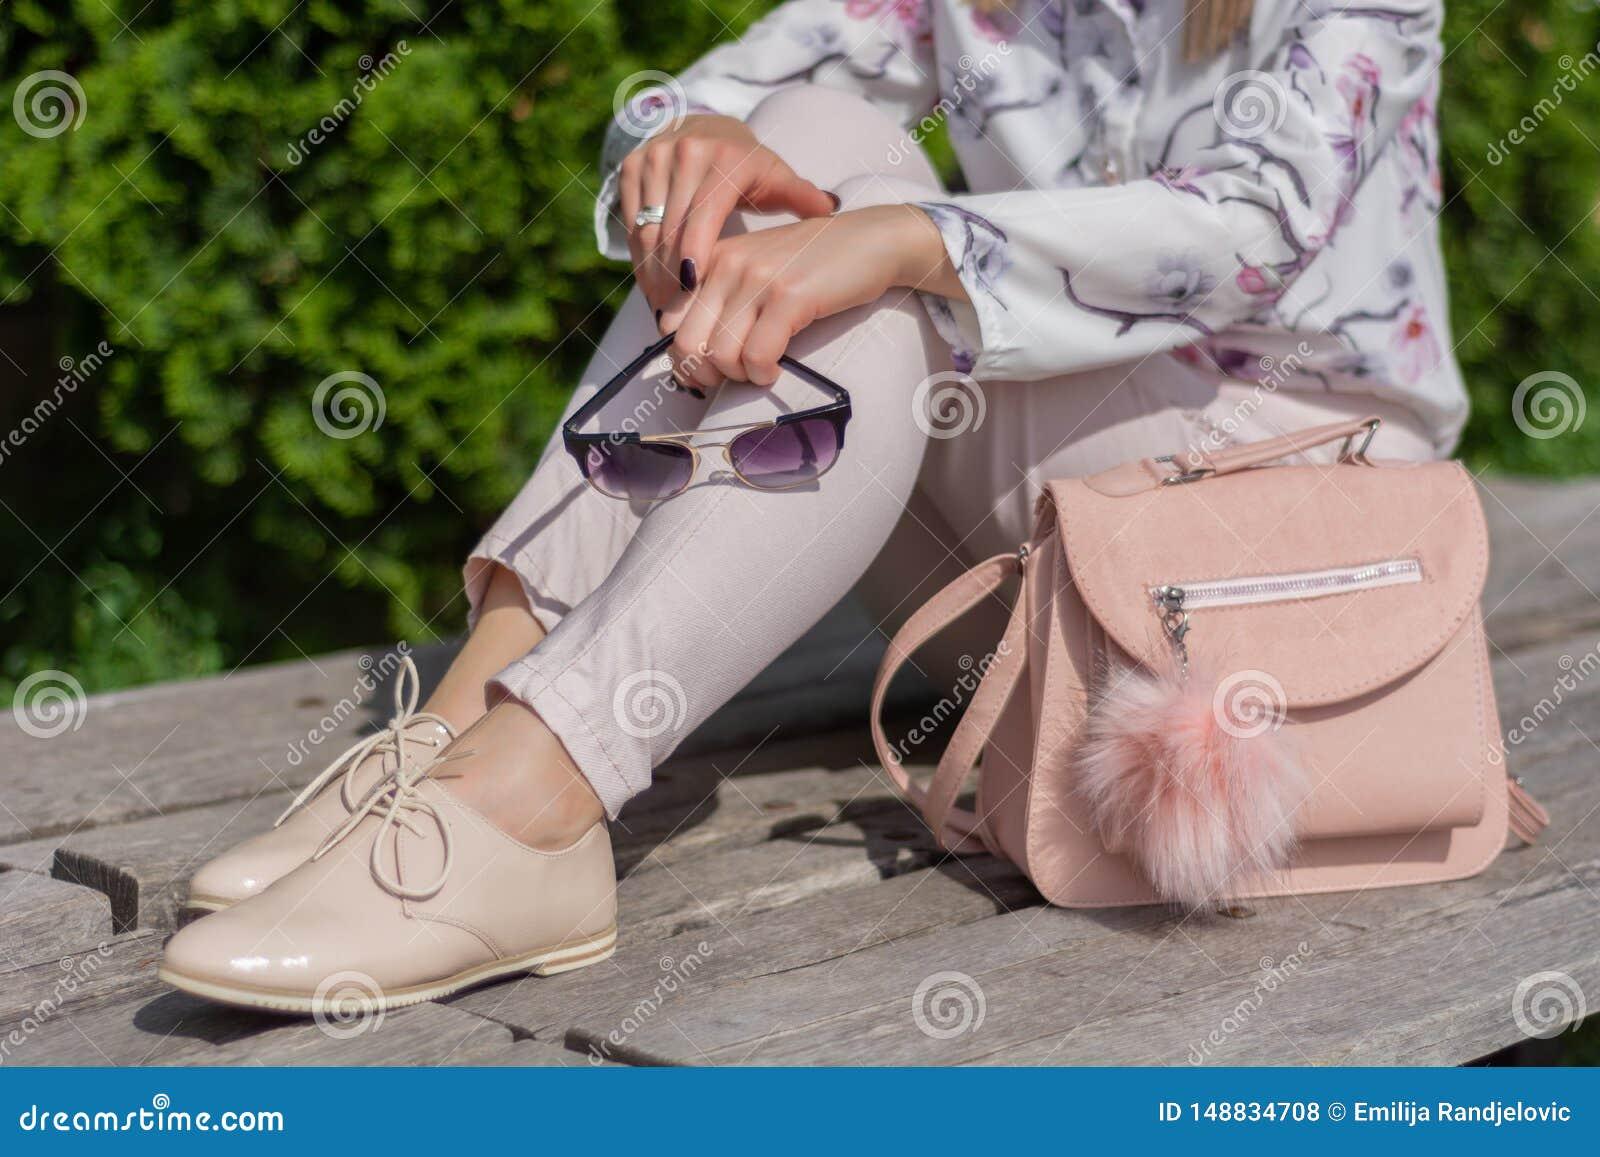 Donna con gli occhiali da sole in mani che si siedono su un banco accanto alla borsa rosa in un parco